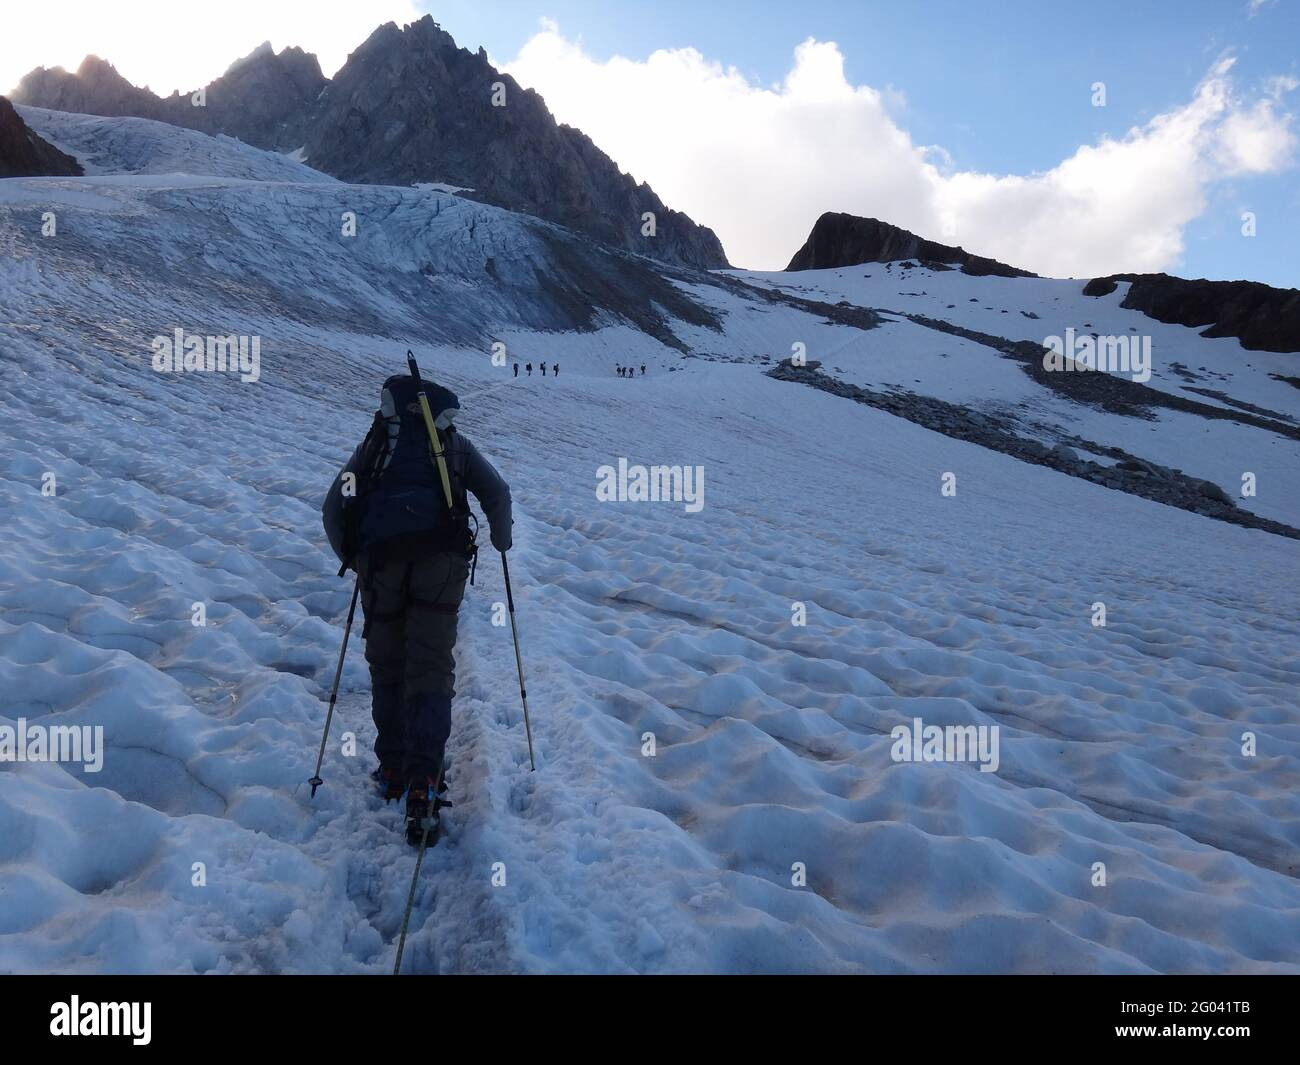 CHAMONIX, FRANCIA - 11 de agosto de 2012: Cruzando los Alpes de Chamonix a Zermatt Foto de stock